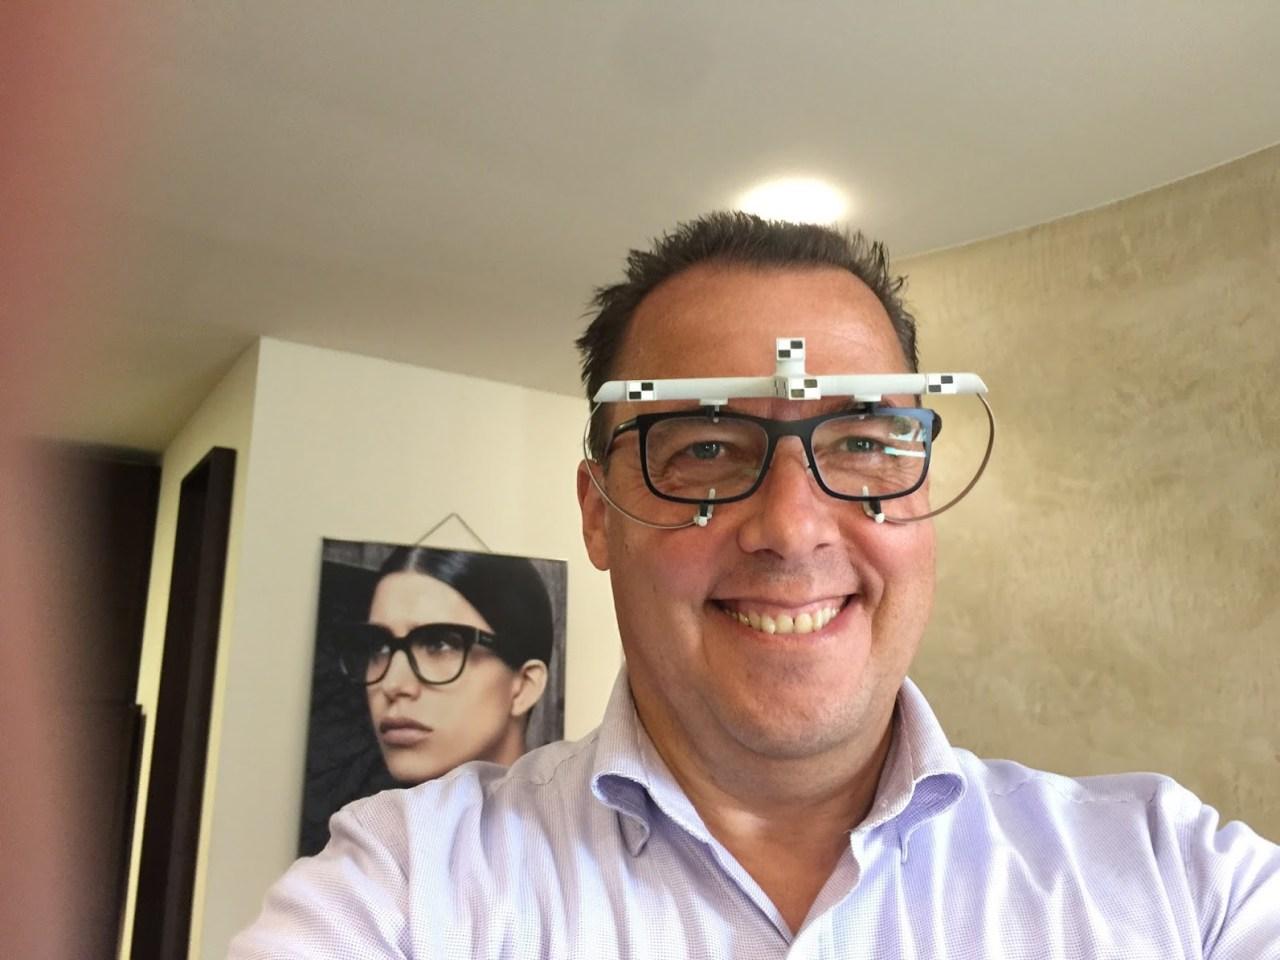 Echte Brillengläser für Google Glass Nummer 2.JPG